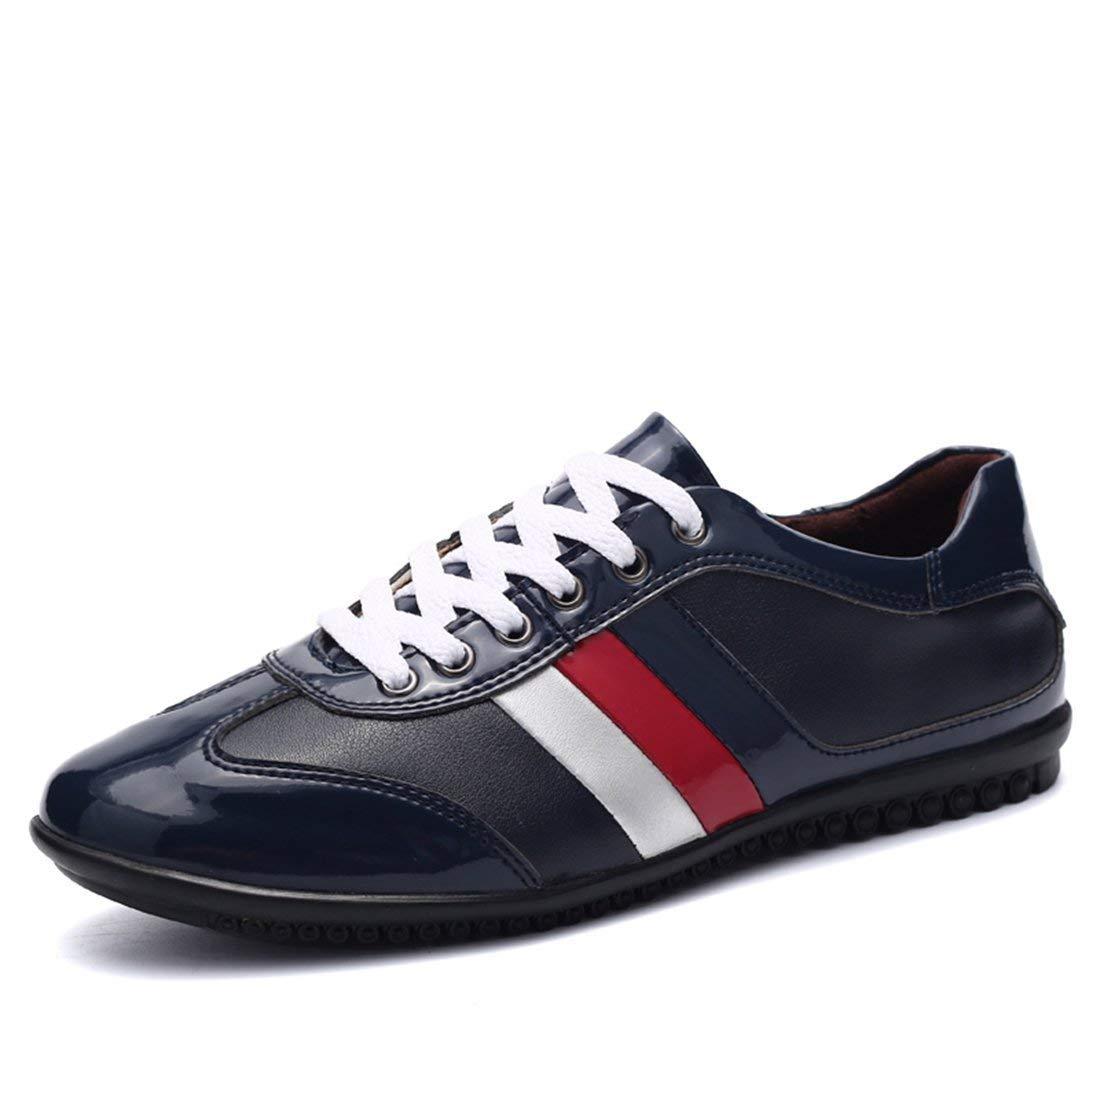 Boy's Herren Streifen handgemachte dunkelblaue Turnschuhe UK 6 6 6 (Farbe   -, Größe   -) 5062e7